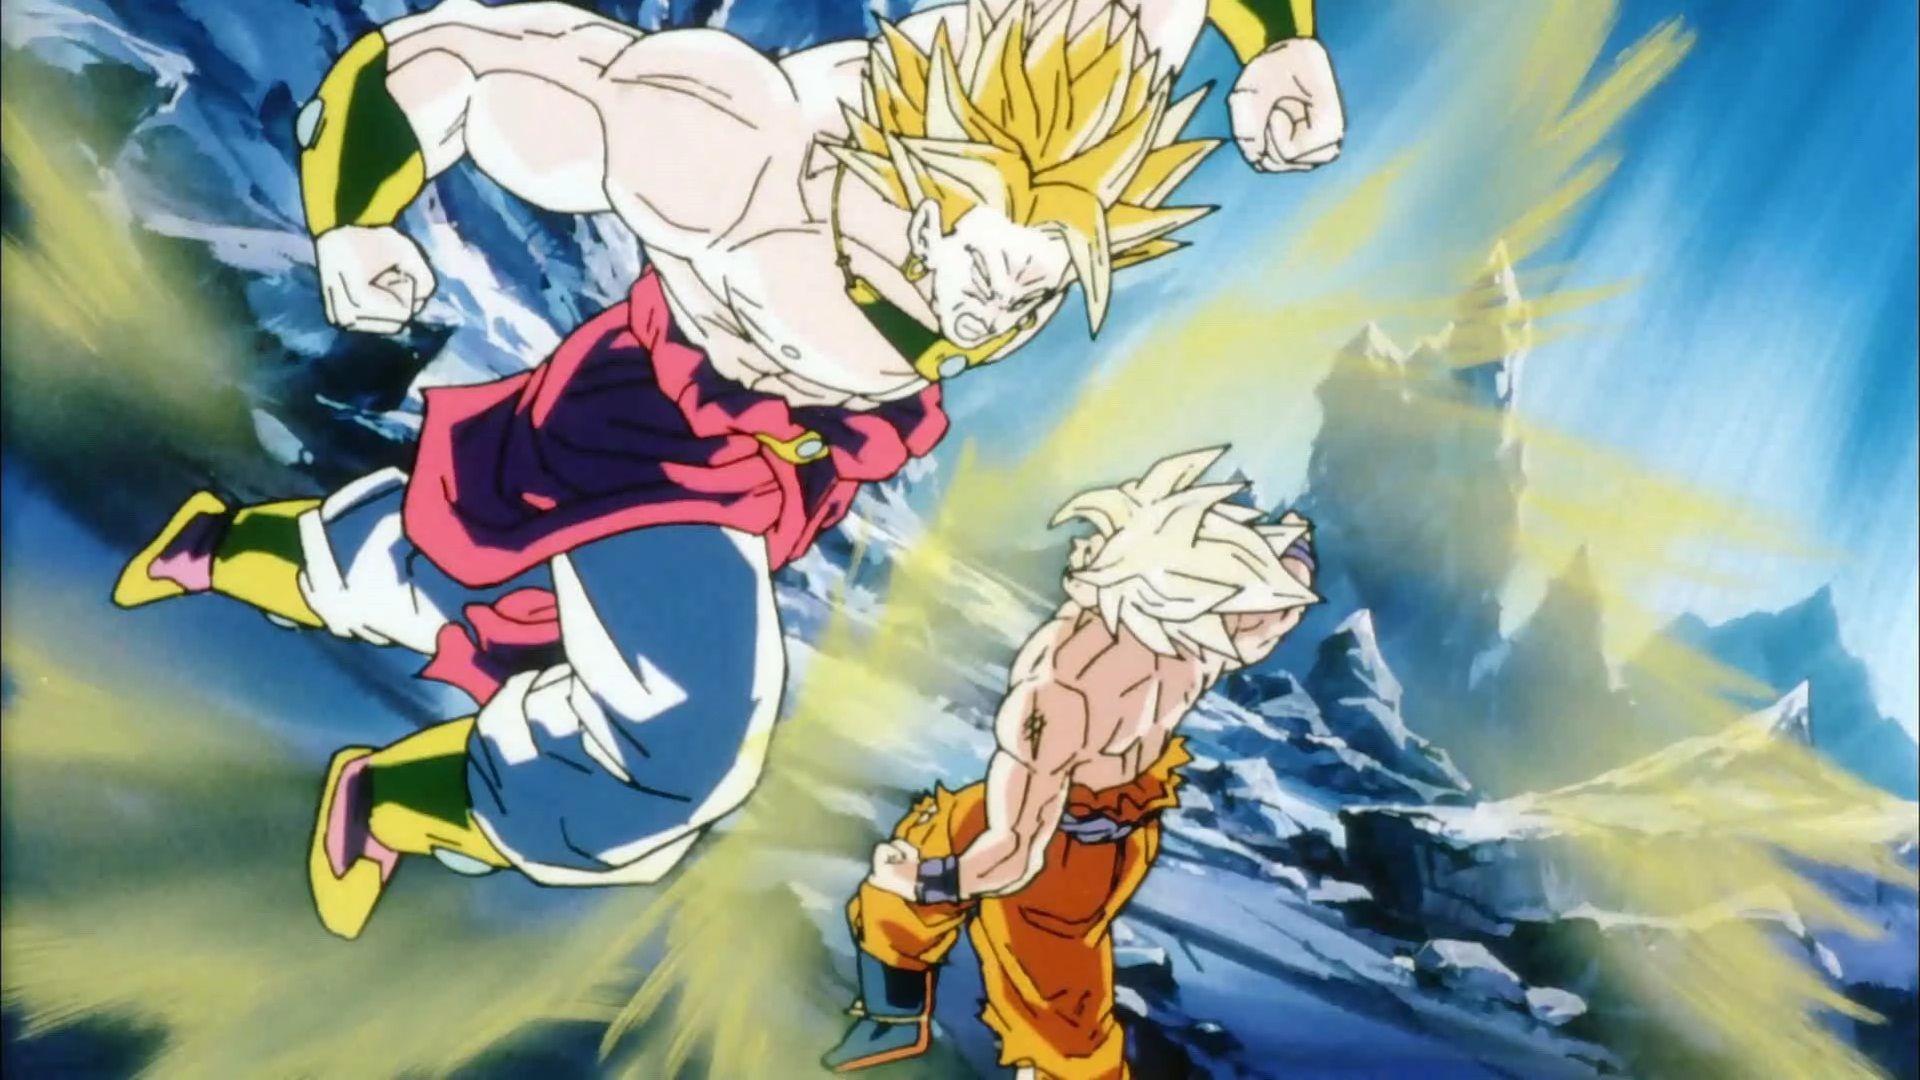 Goku Fighting Wallpapers Wallpaper Cave